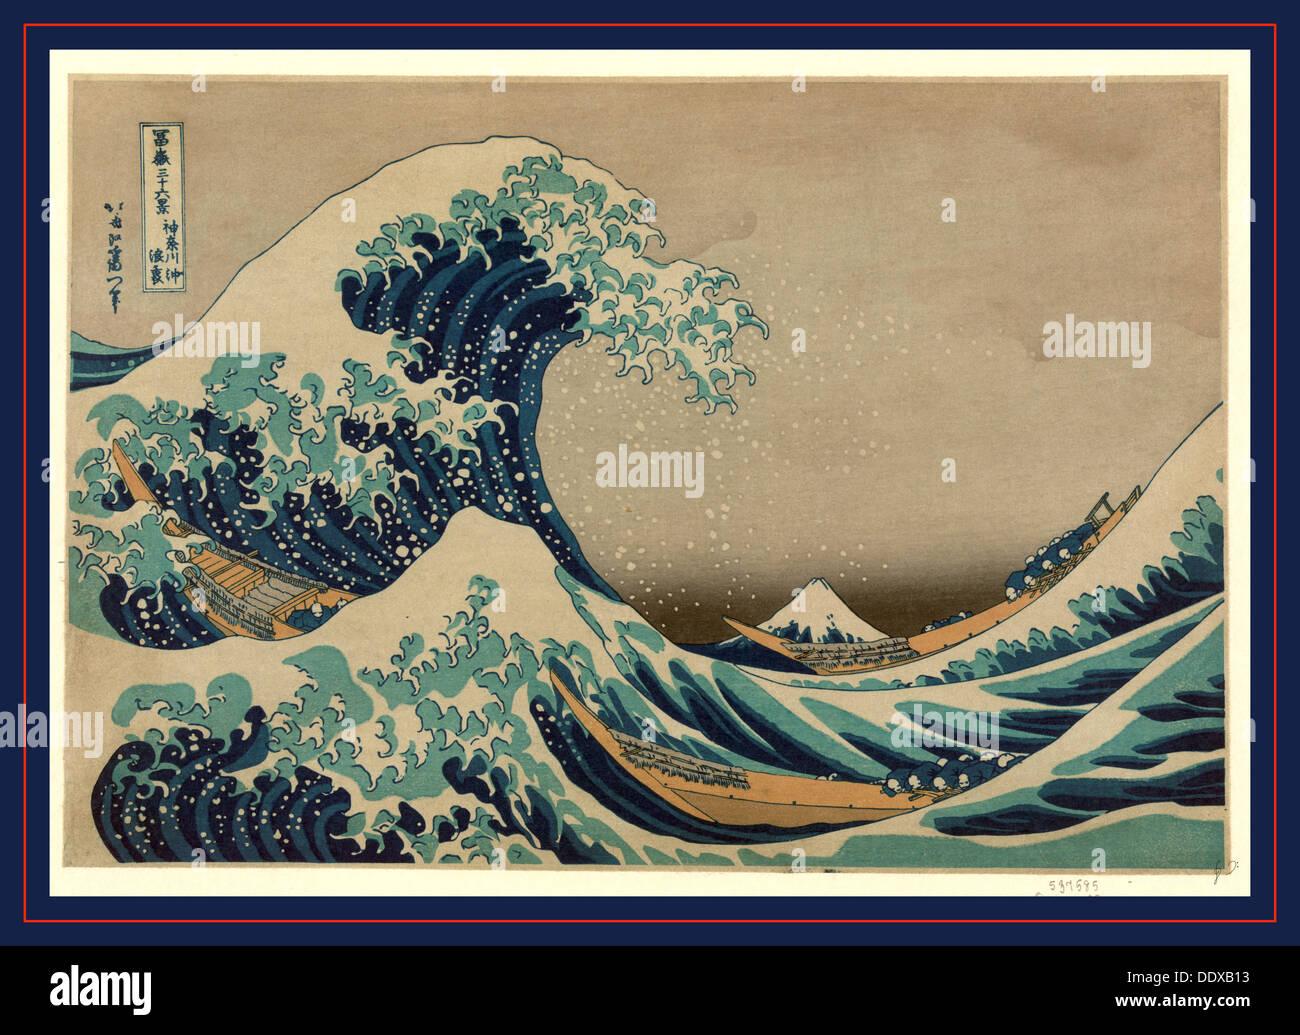 Kanagawa oki nami ura, la gran ola de Kanagawa off shore. [Entre 1826 y 1833, imprimió más tarde], 1 Imprimir : xilografía, color Imagen De Stock